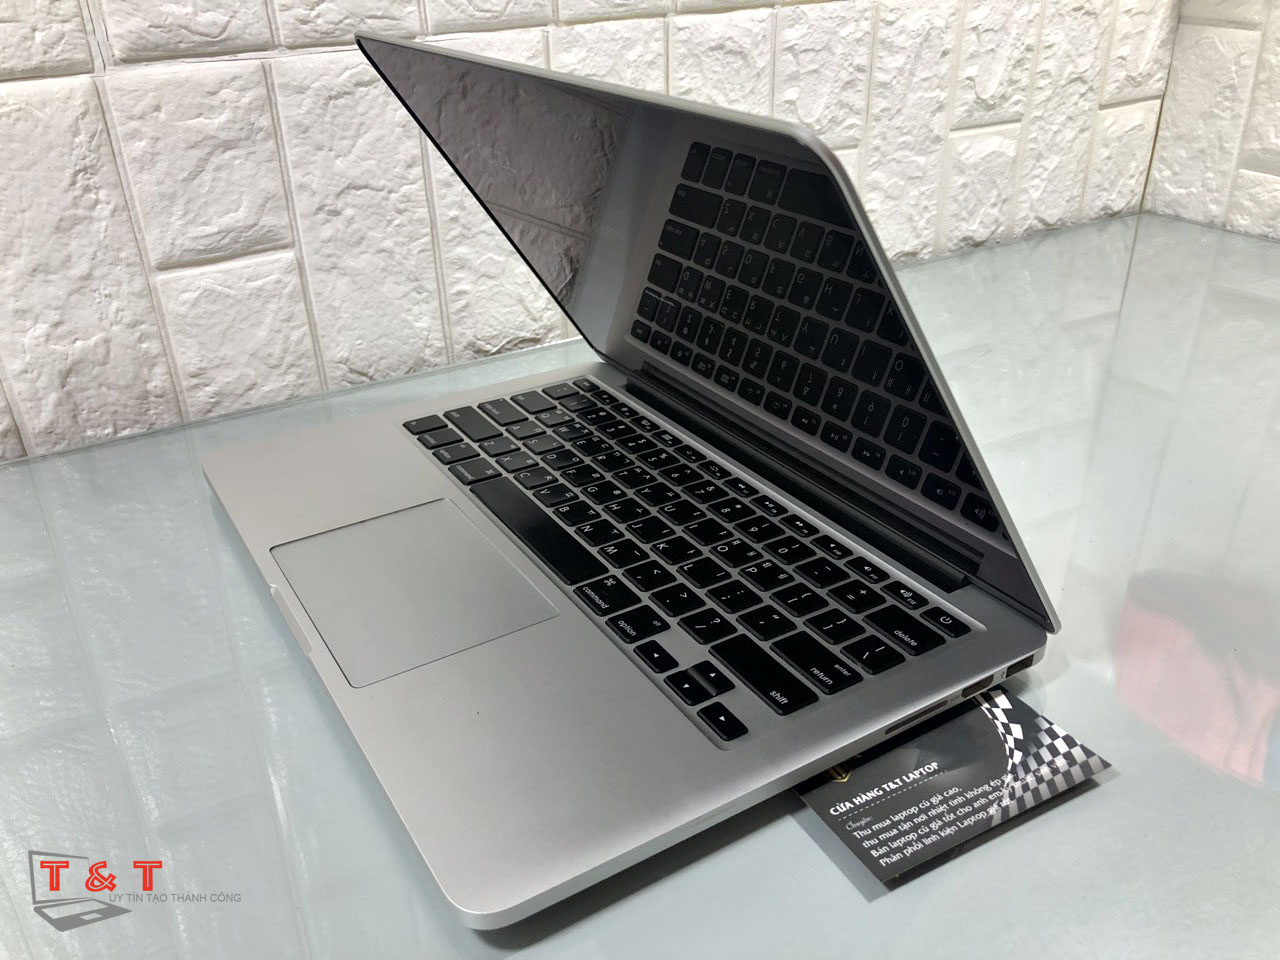 Macbook-pro-13inch-2013